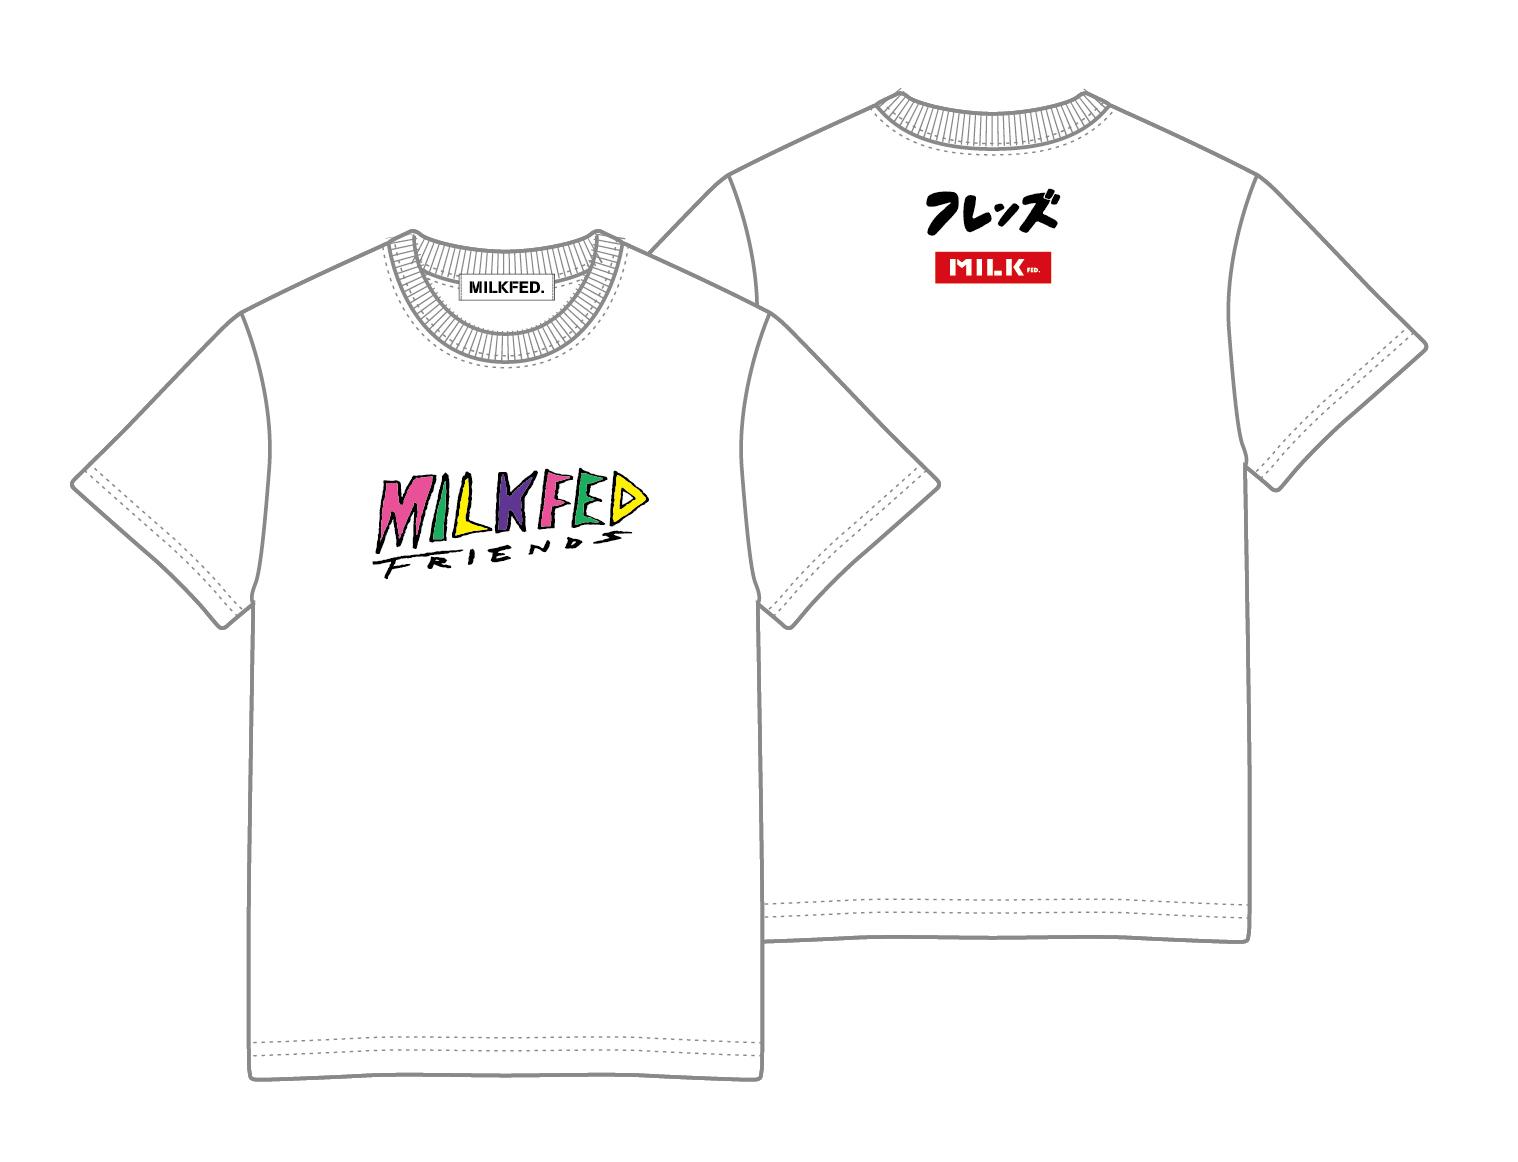 【配送商品】フレンズ × MILKFED. コラボTシャツ WHITE(XL)の画像